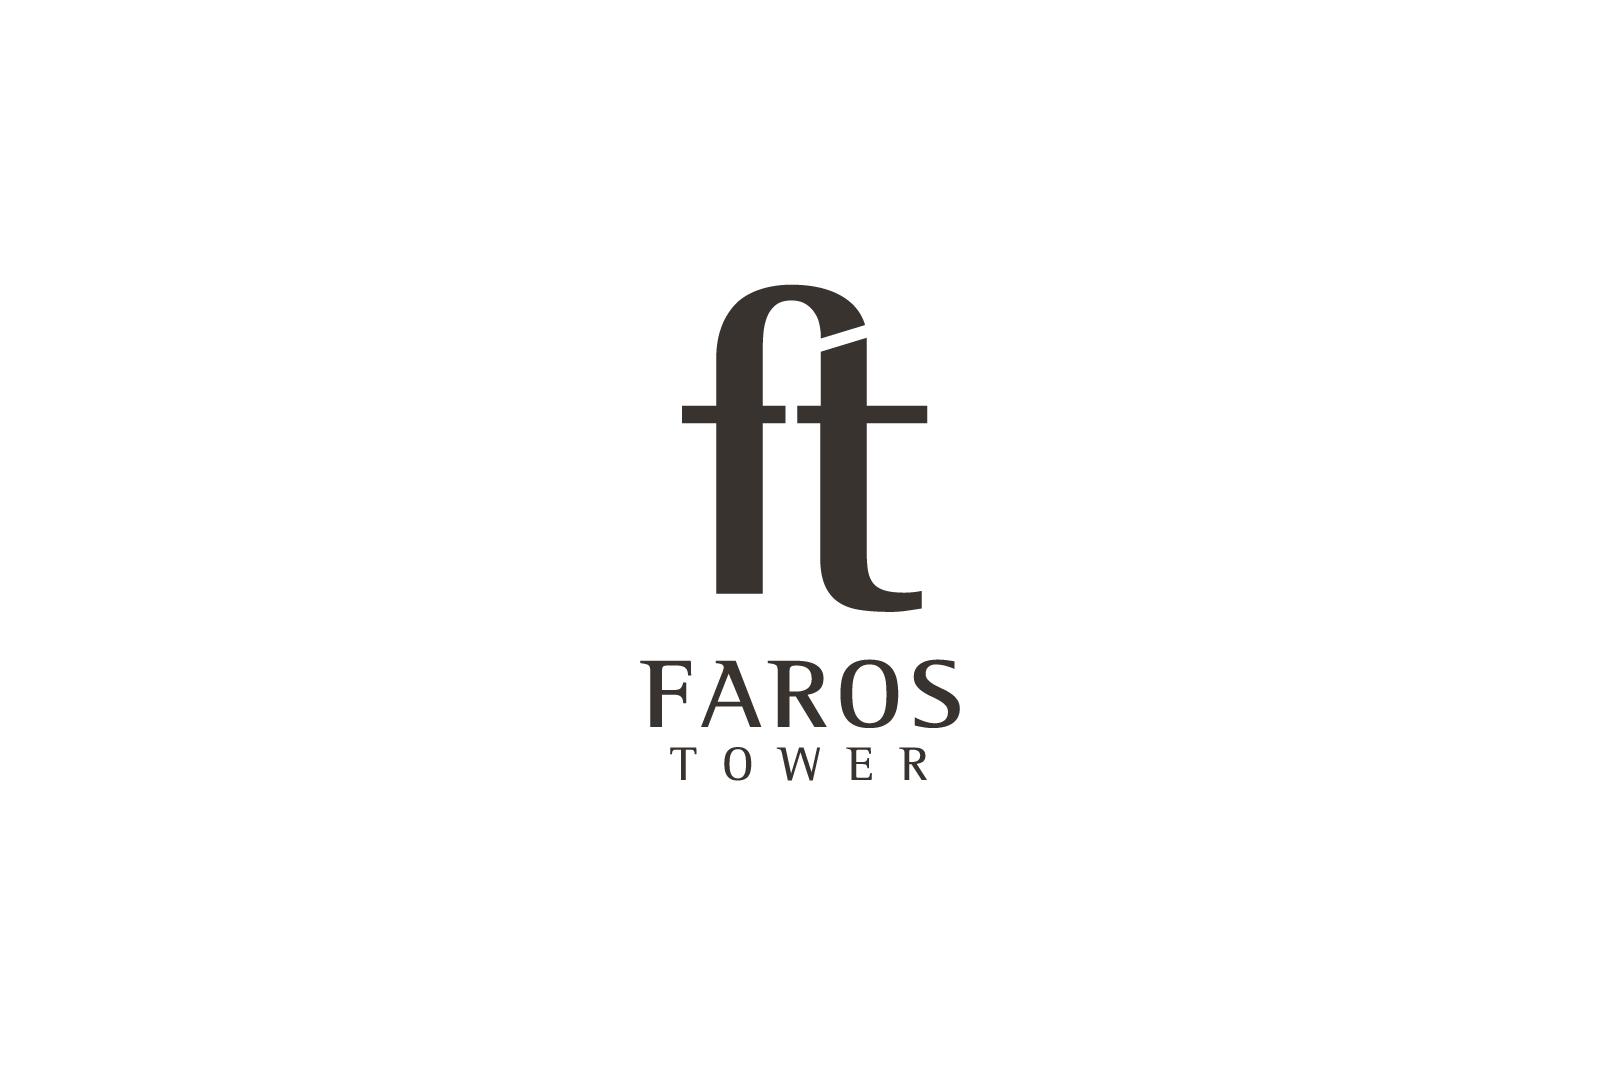 faros_07.png